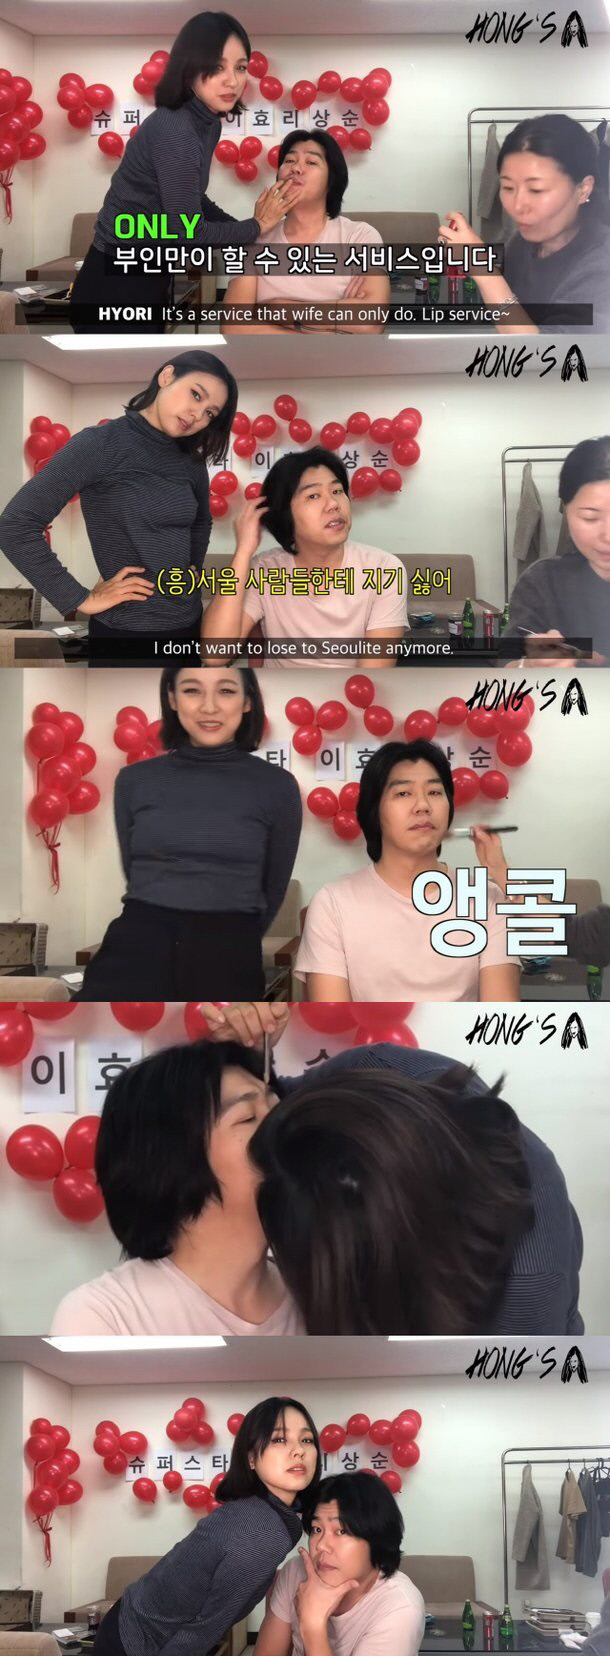 이효리♥이상순, 멈추지 않는 입맞춤+19금 농담 리얼 부부